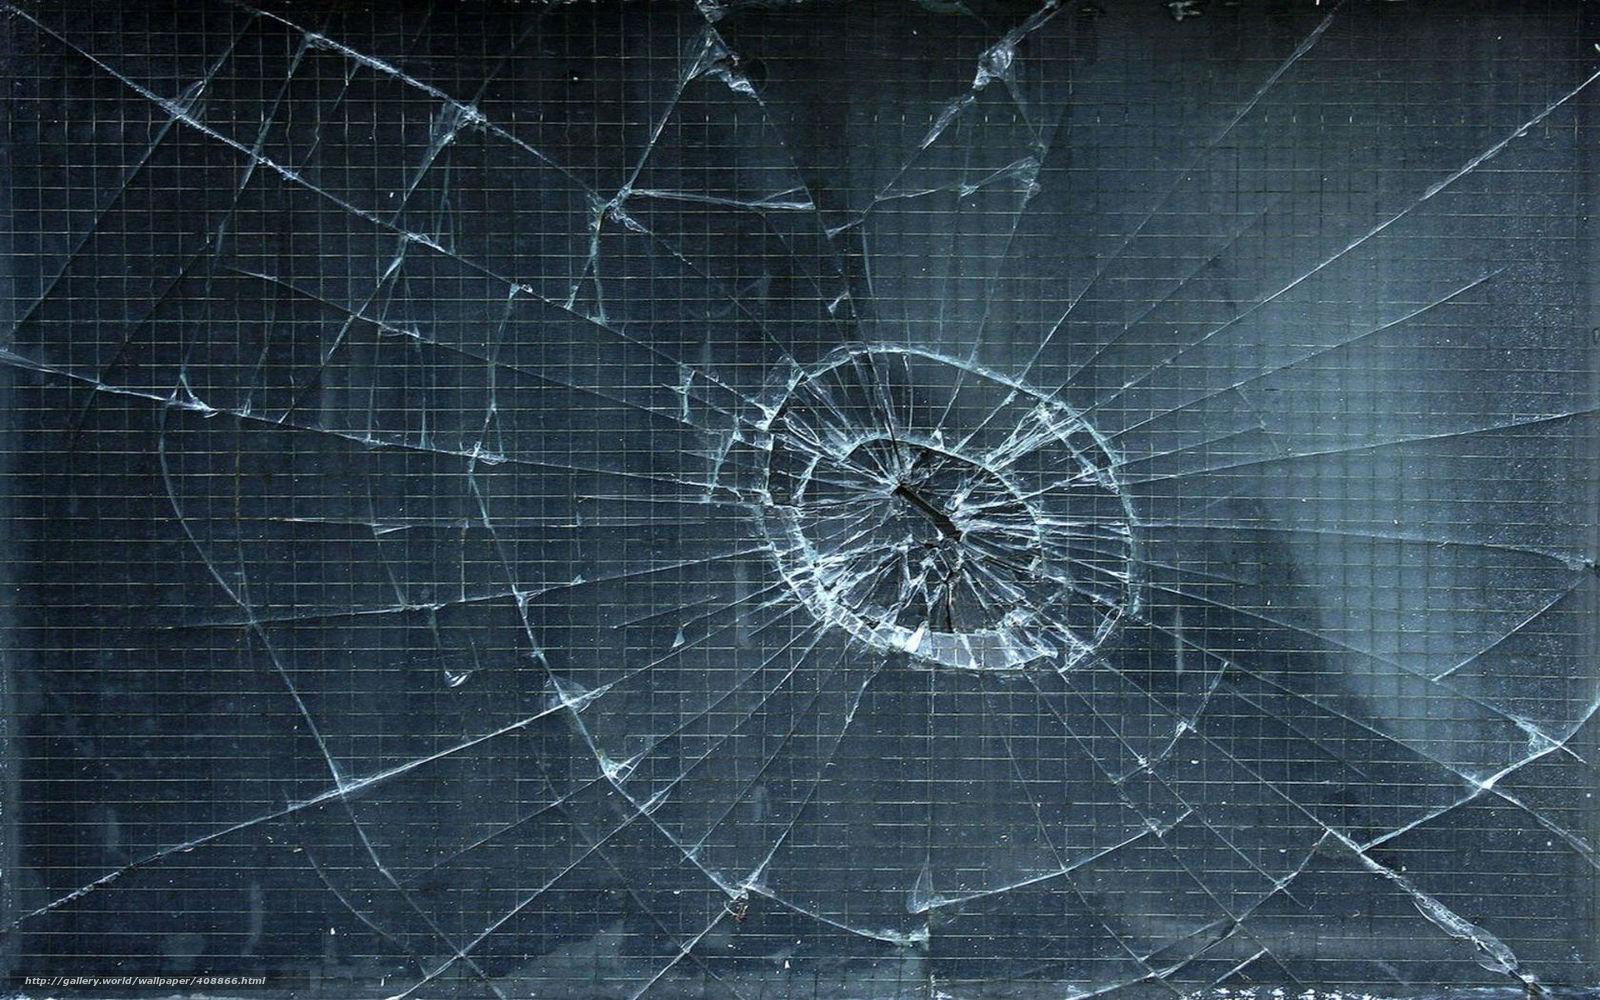 下载壁纸 碎玻璃, 玻璃